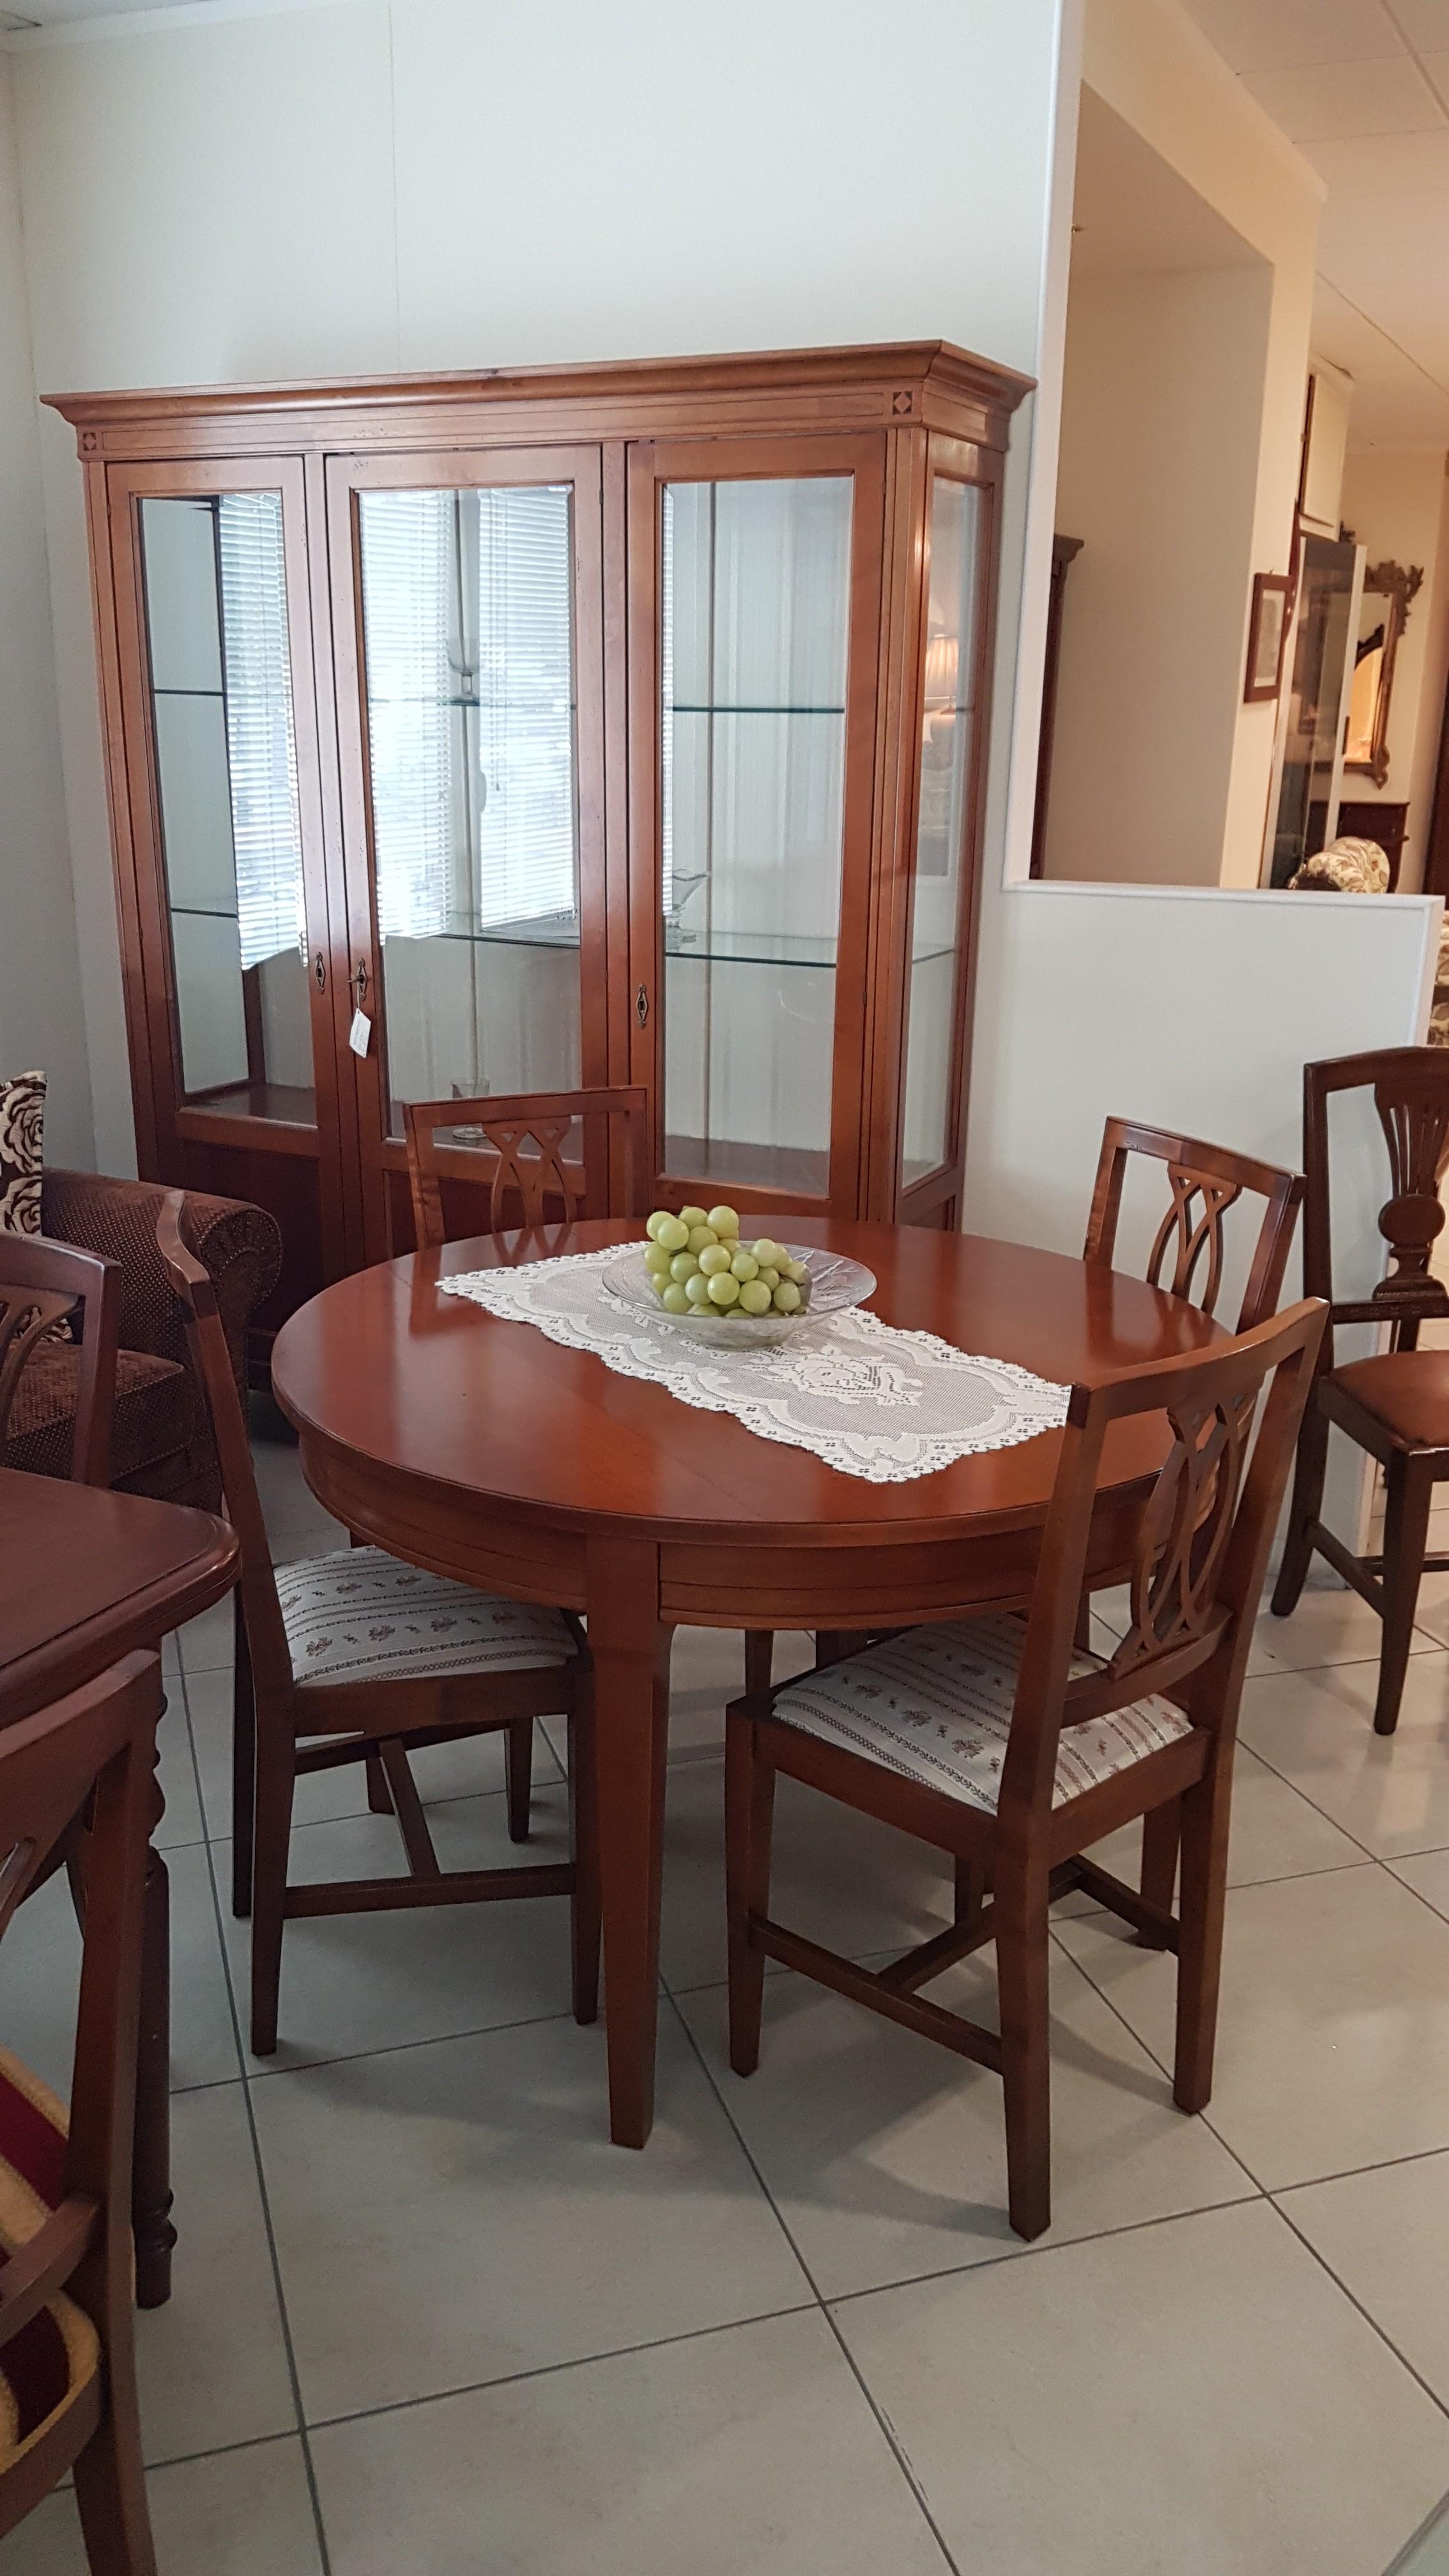 Sala da pranzo classica | MOBILI PIZZI - Negozio Arredo Reggio Calabria